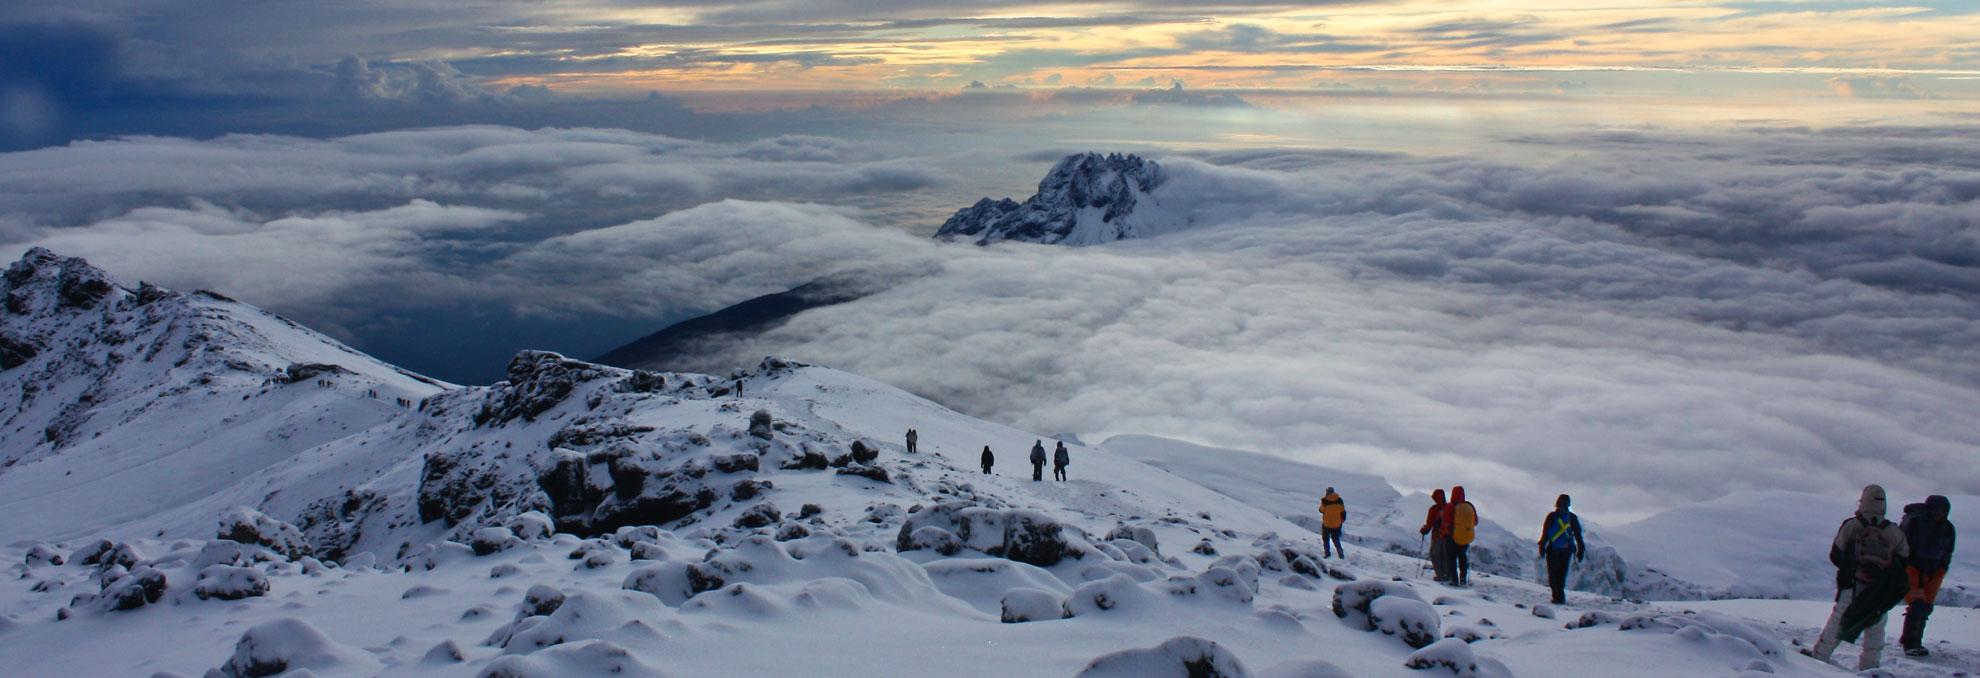 Kilimanjaro Destination